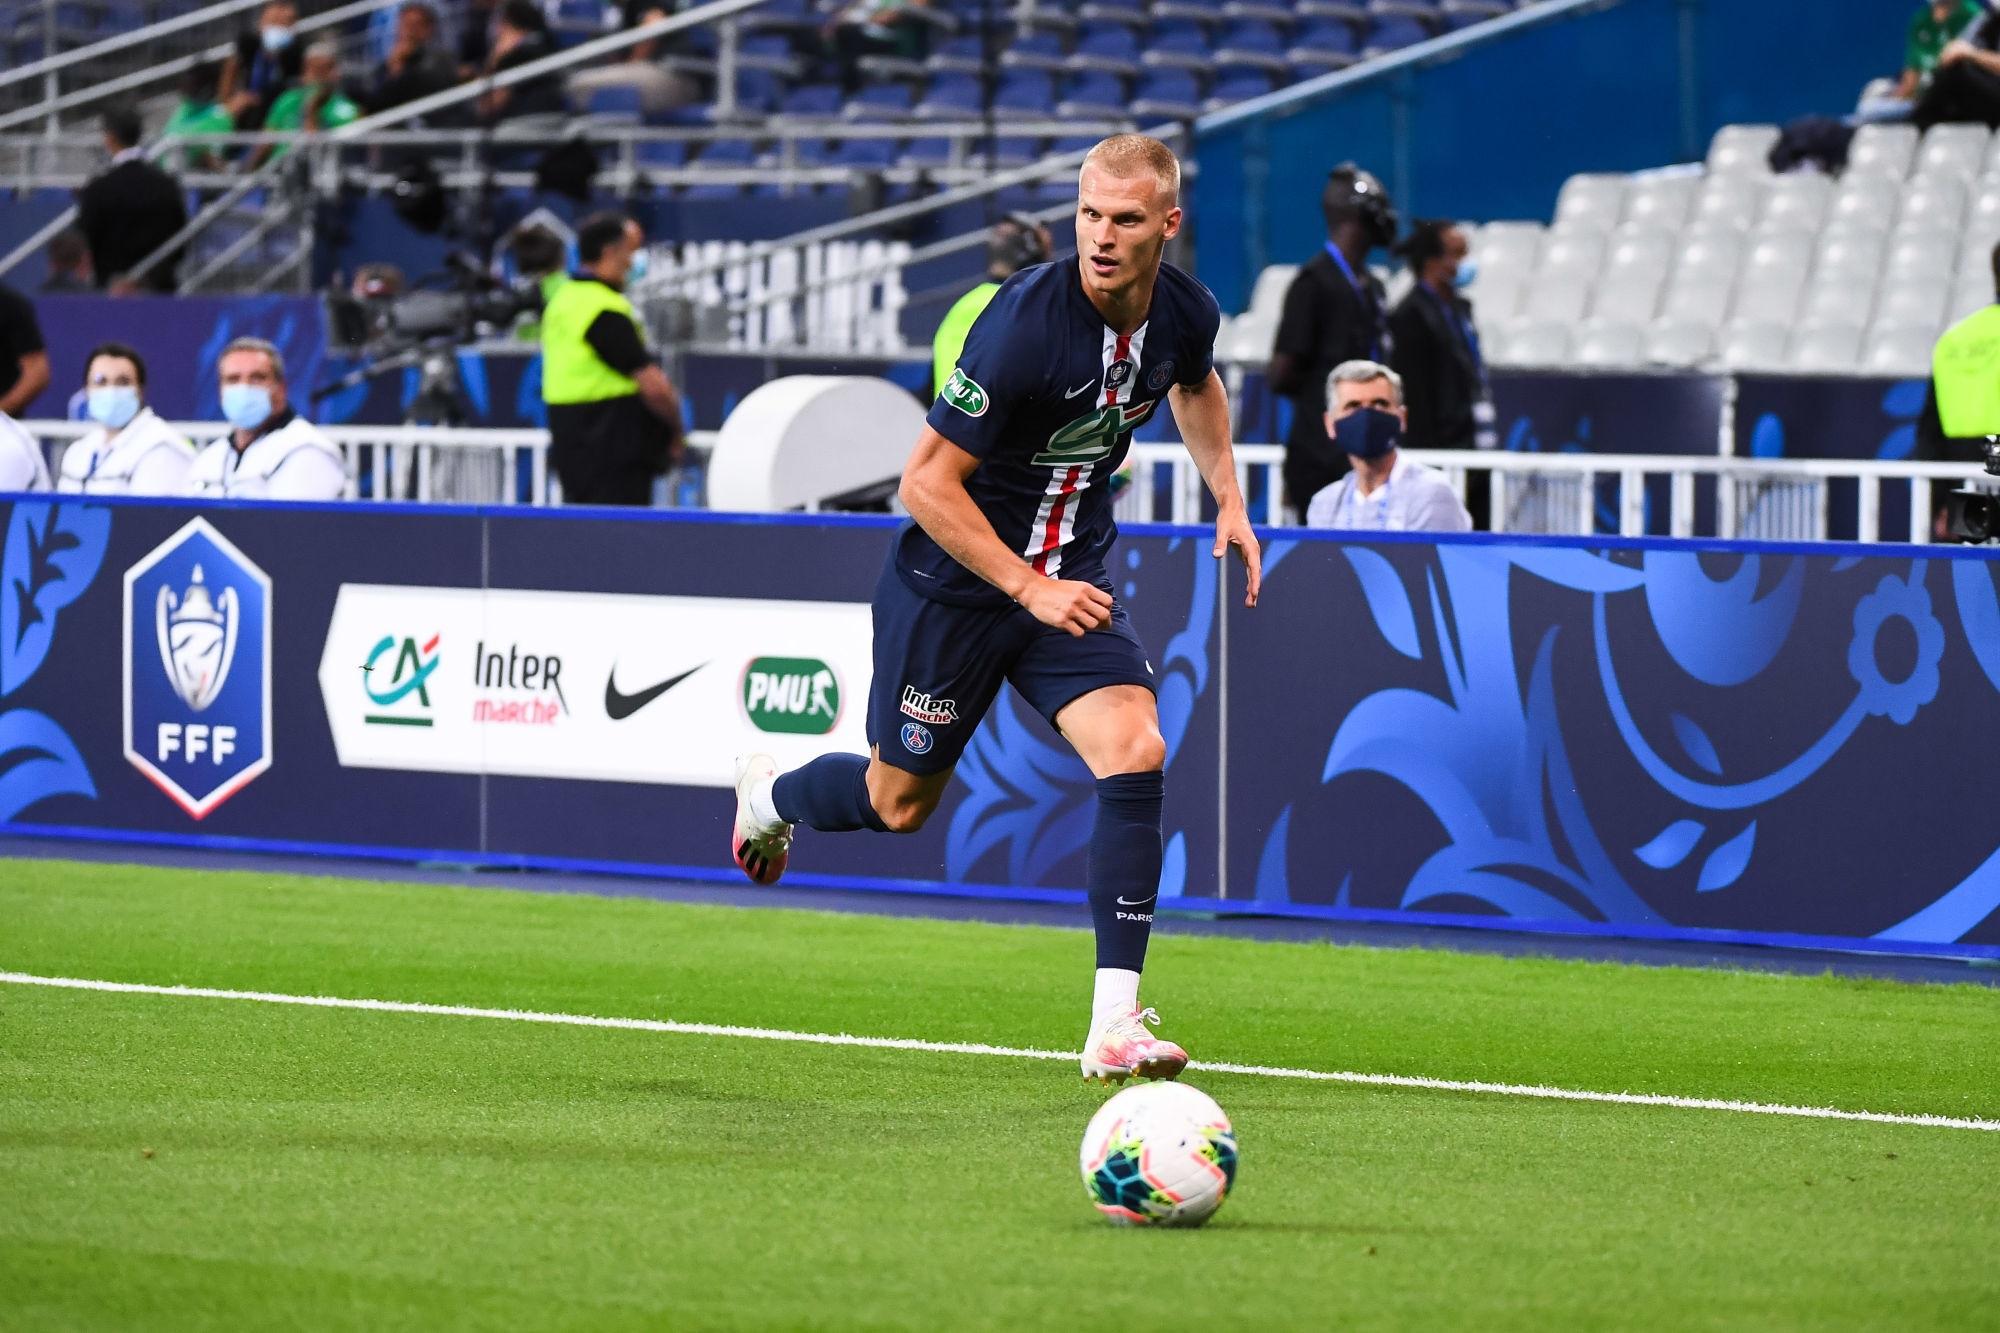 Mercato - Le Celtic veut Bakker en prêt, le PSG refuse pour le moment selon Sky Sports